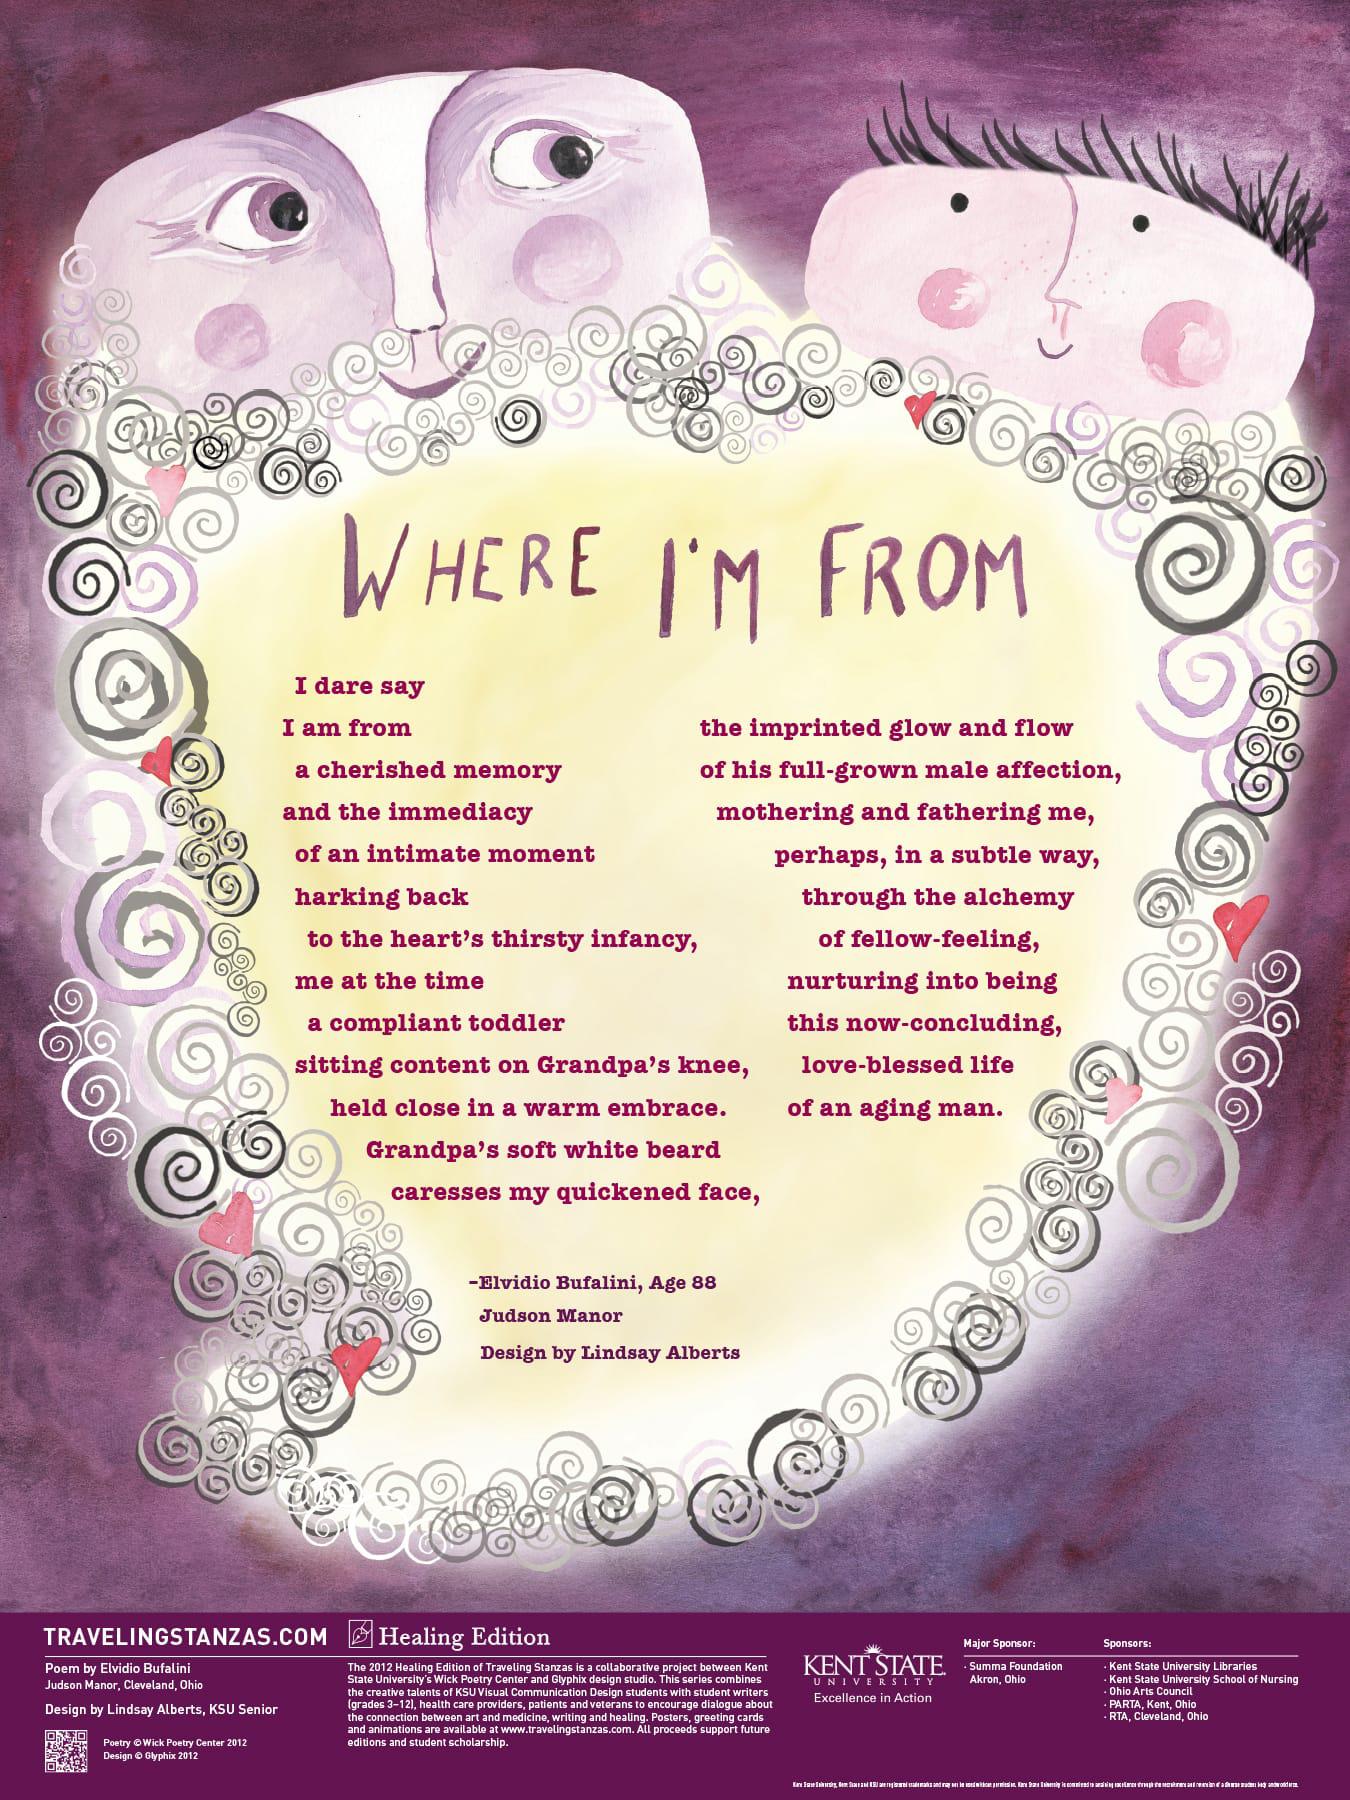 WhereImFrom-Bufalini-Poster